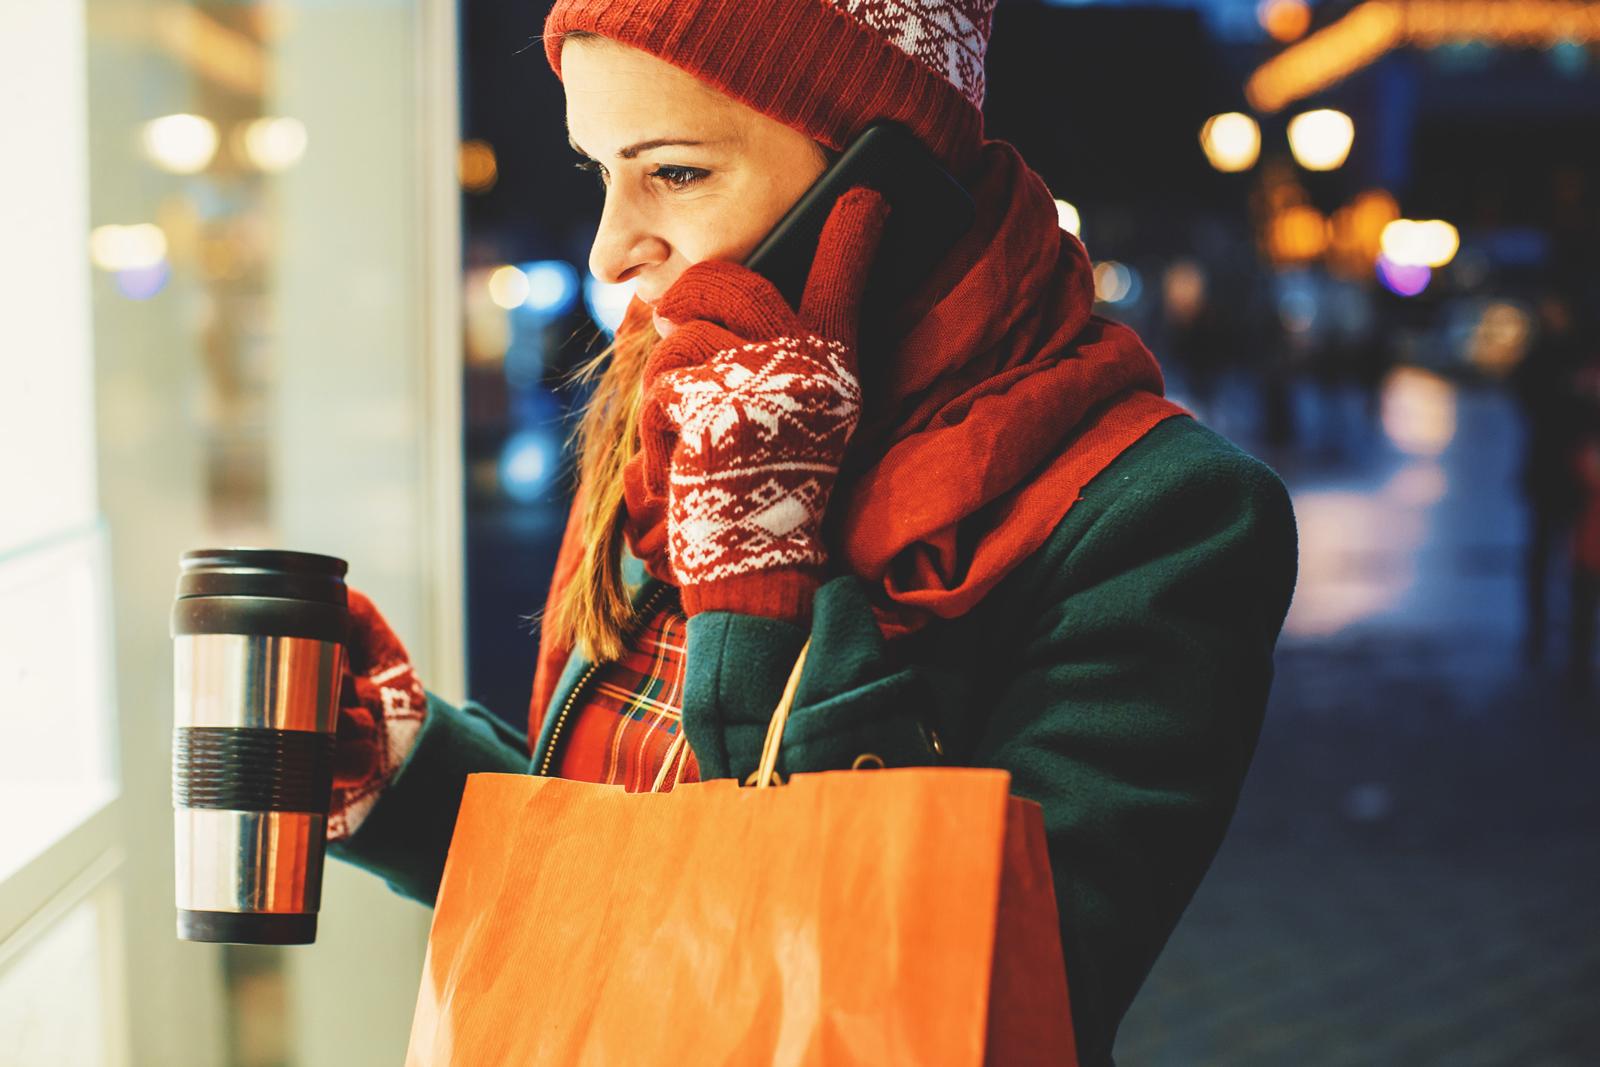 Weniger Müll und länger warm: Der Thermobecher hat viele Vorteile, manche Coffee-Shops geben beim Mitbringen eines Mehrwegbechern sogar Rabatt auf den Kaffee.